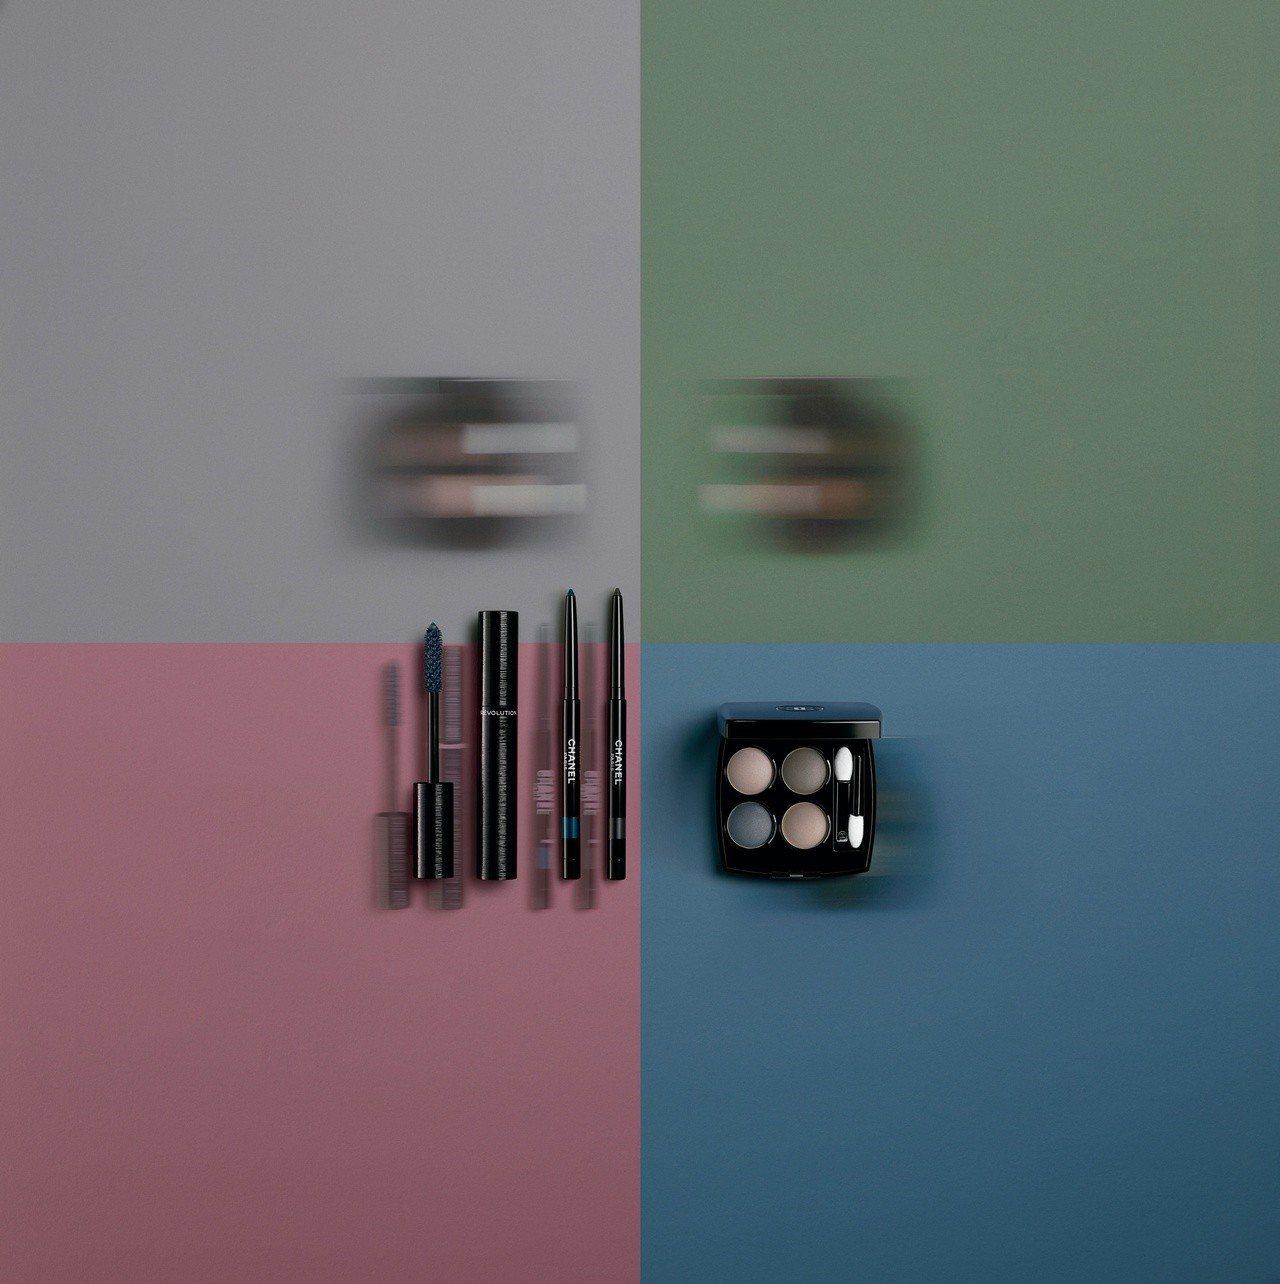 由香奈兒全球彩妝創意與色彩設計總監露西婭·皮卡,為妳打造自信眼妝。圖/香奈兒提供